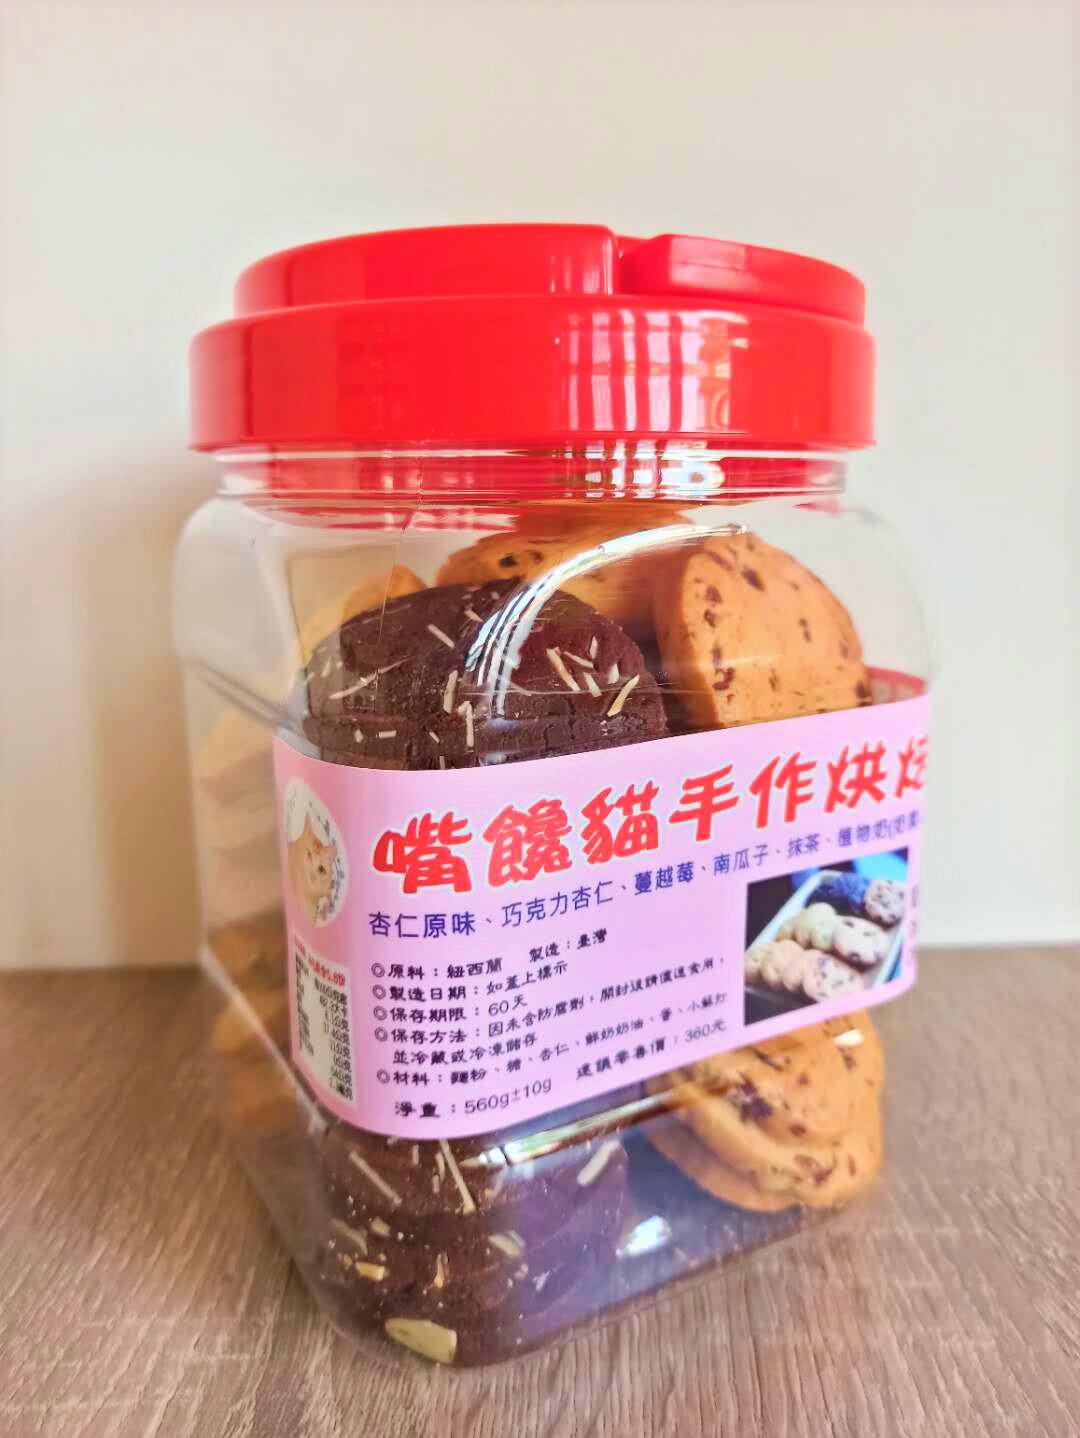 蔓越莓口味 手作餅乾 甜點 下午茶 零食 手工餅乾 伴手禮 健康 無添加  無防腐劑 無香精 無色素